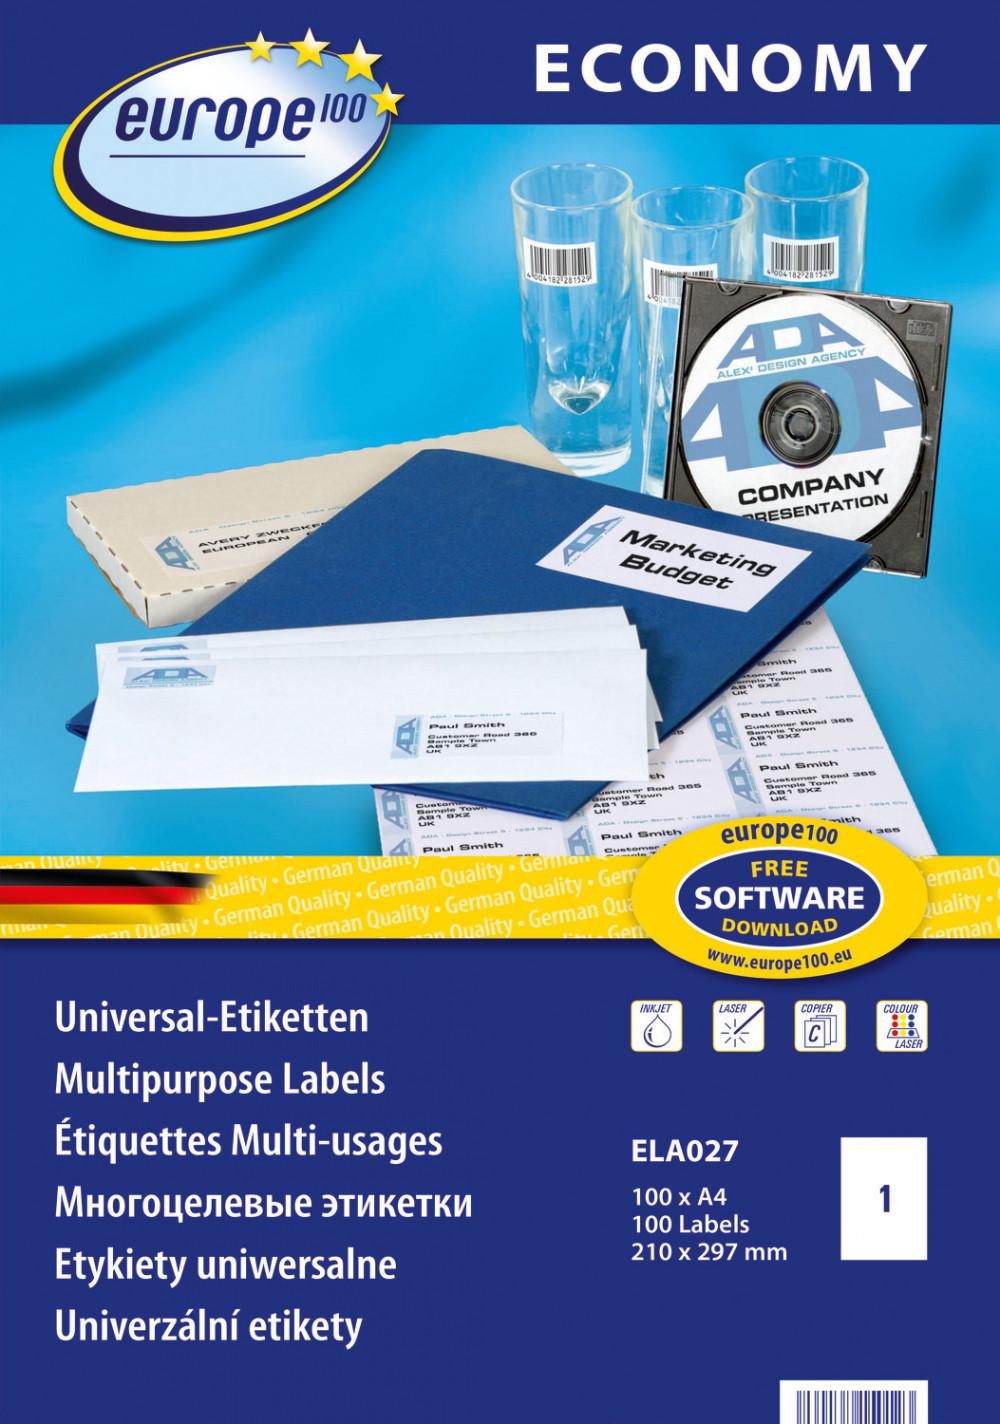 europe100 ELA027 univerzális 210 x 297 mm méretű fehér öntapadó etikett címke A4 -es íven - 100 etikett címke / doboz - 100 ív / doboz (ELA027)